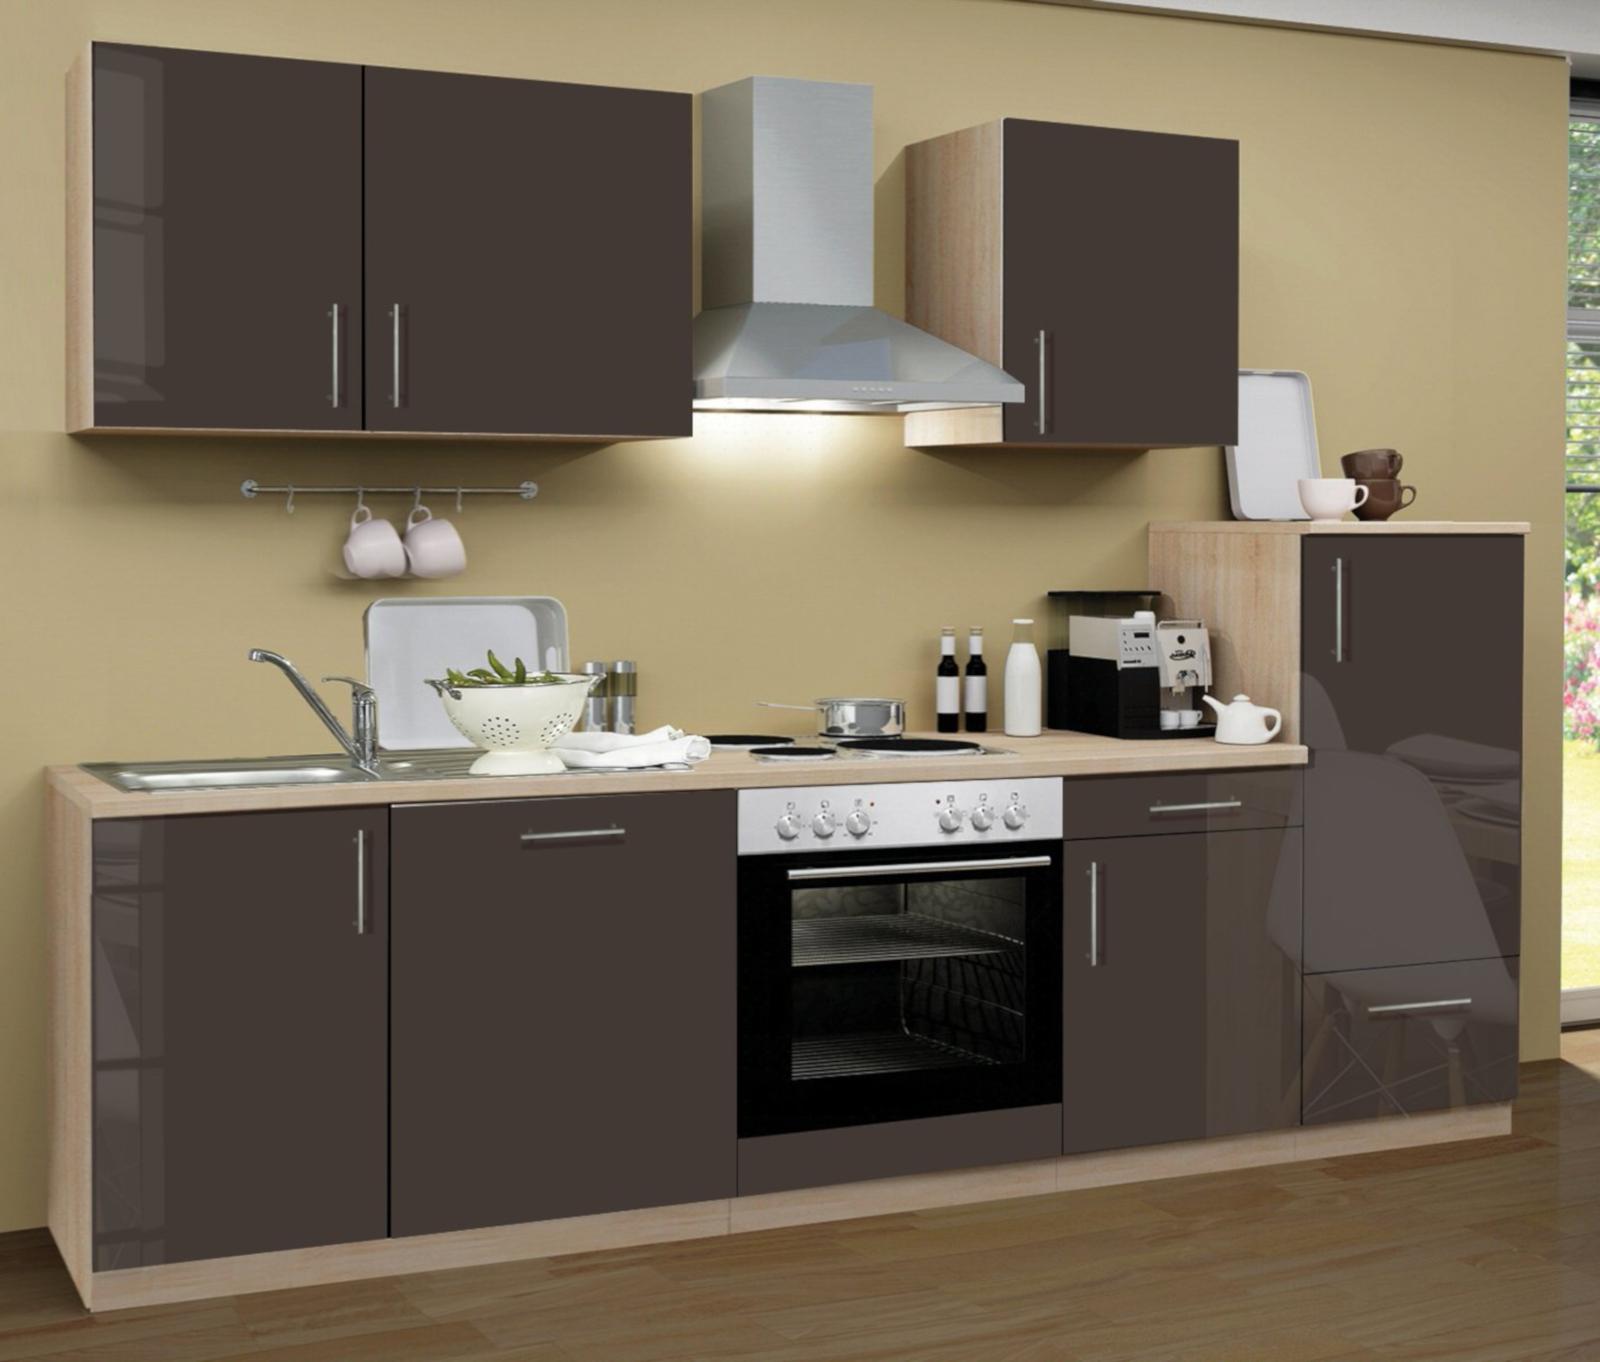 Küchenblock einbauküche premium inkl e geräte geschirrspüler 280 cm breit in lava grau